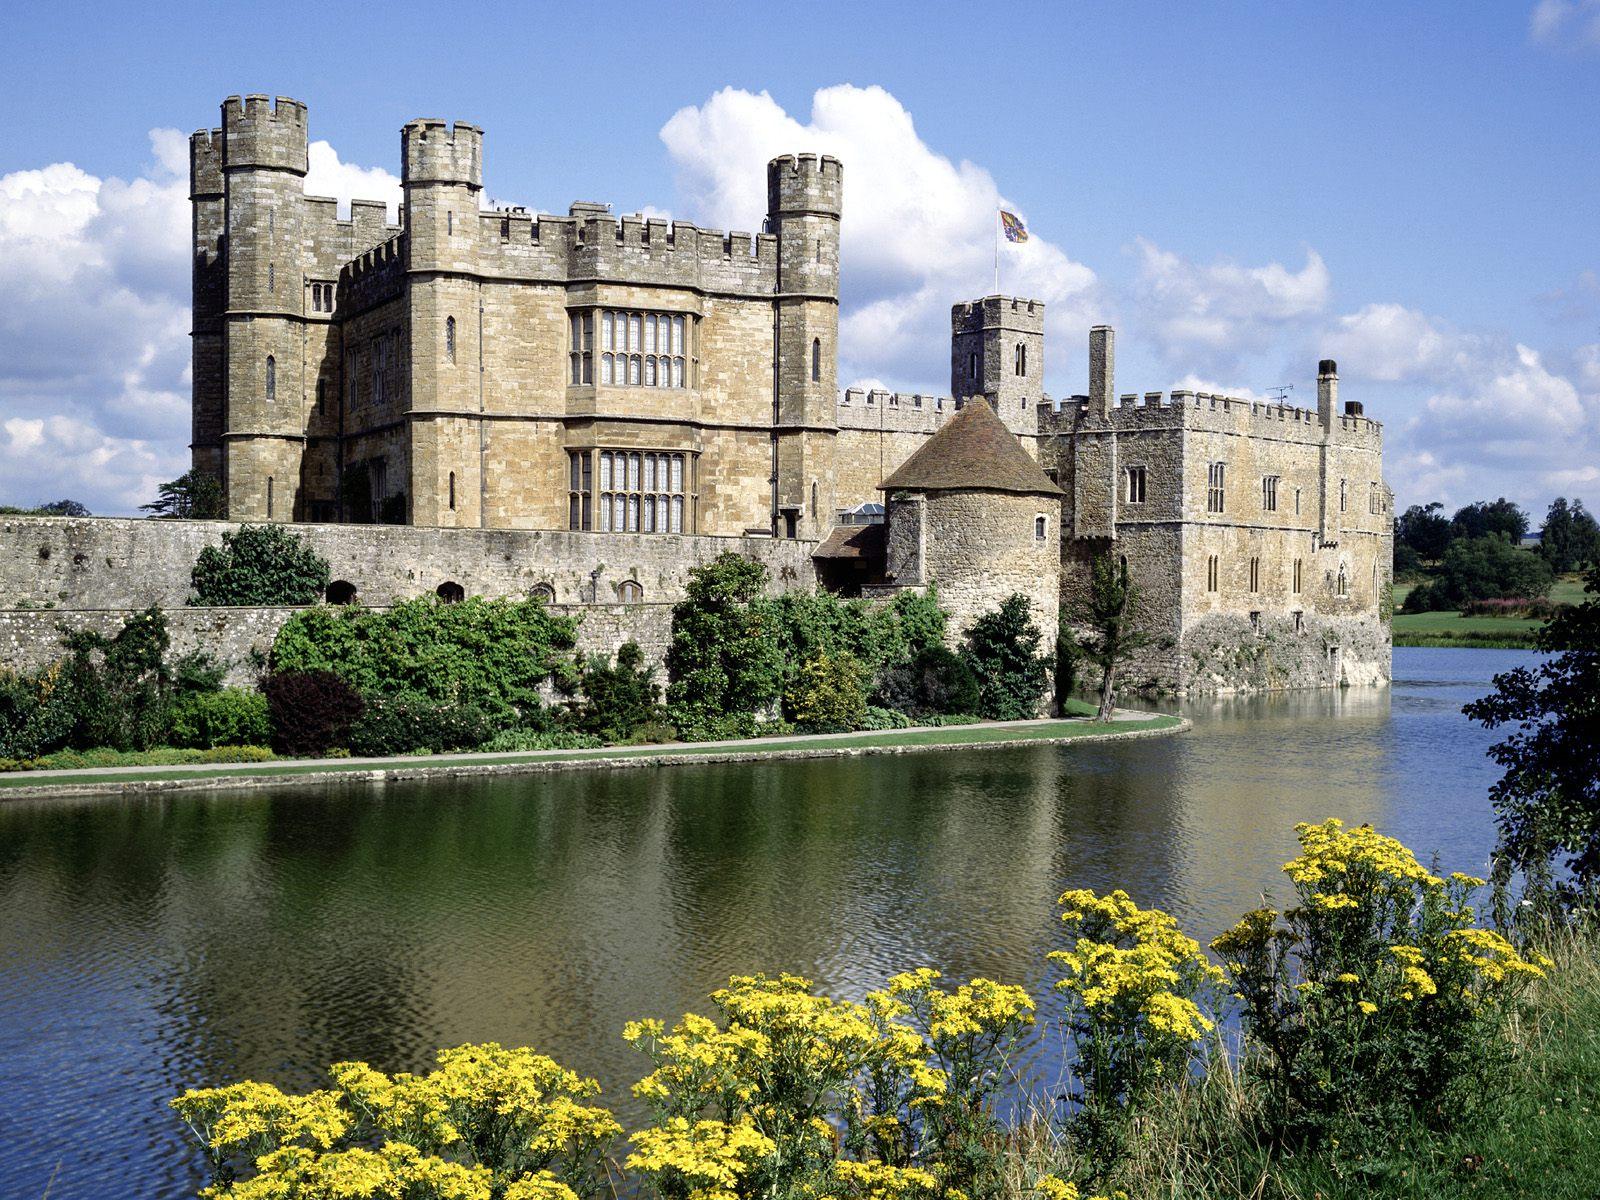 http://2.bp.blogspot.com/-fVSS6r989Lk/UF2fOCN9G9I/AAAAAAAABhM/YLJDenj0iOk/s1600/Leeds+Castle%252C+Kent%252C+England.jpg